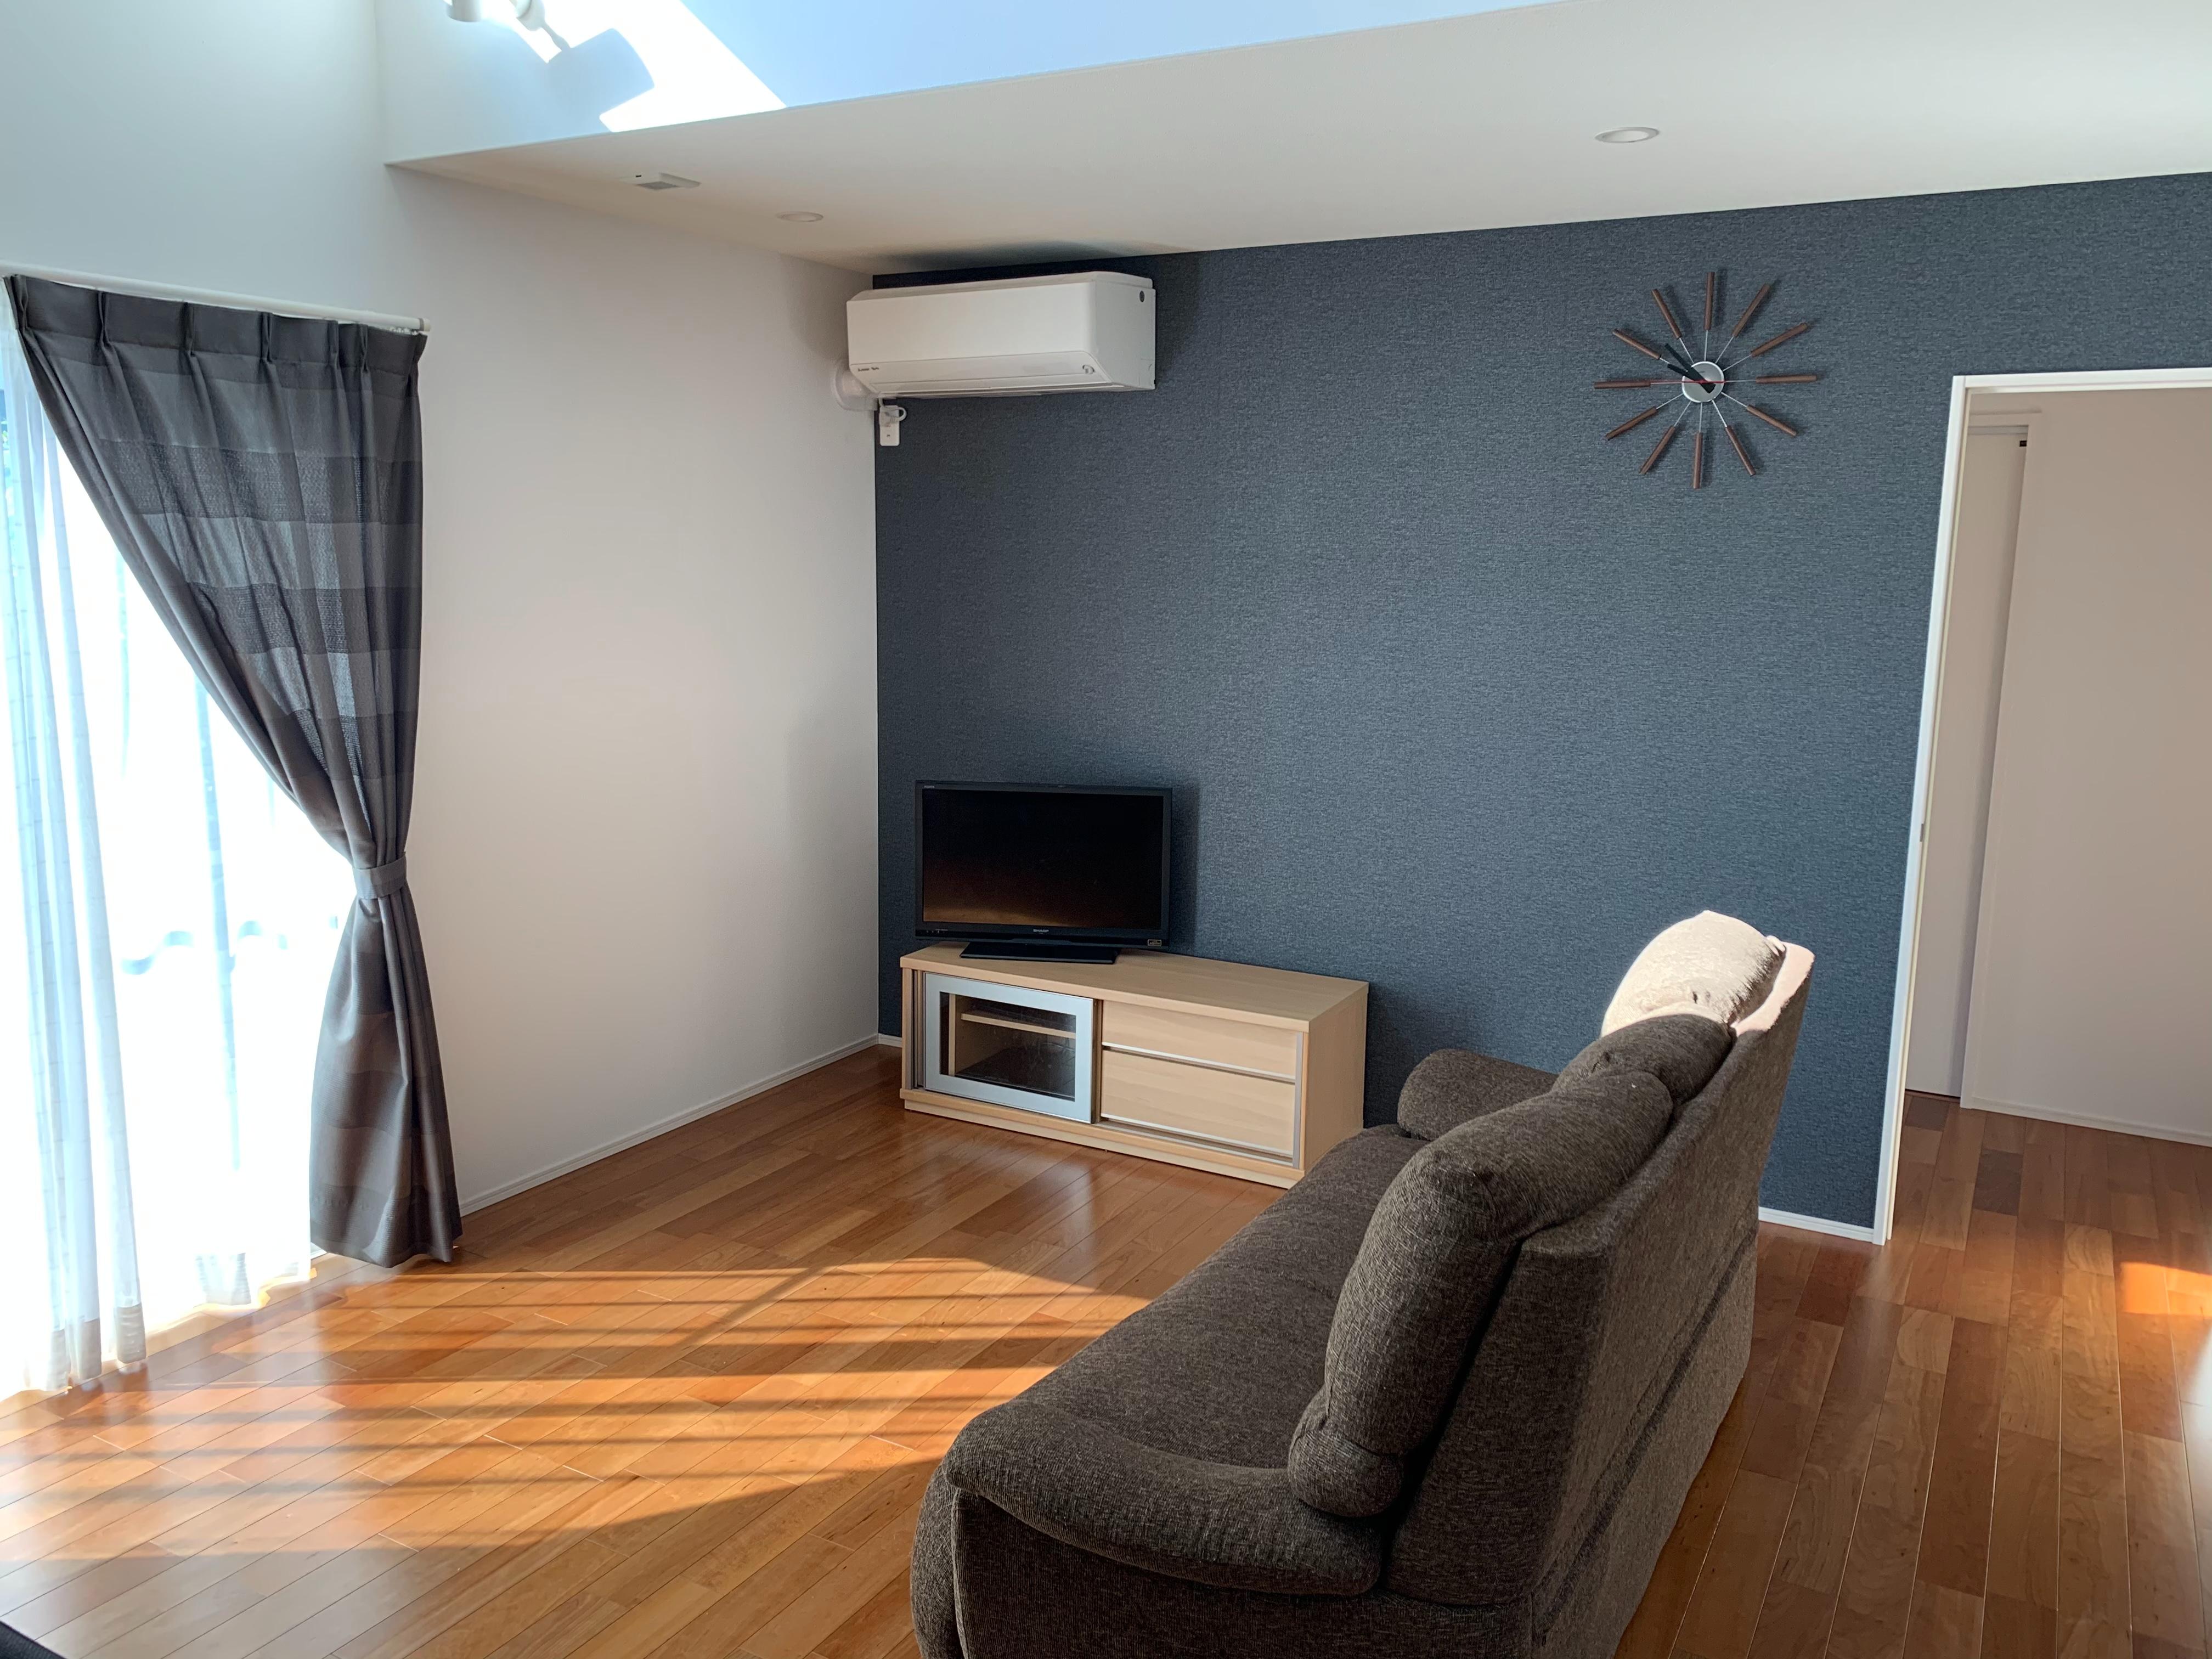 低気密のZEH、HEAT20 G1レベルの家は無暖房でも快適なのか?